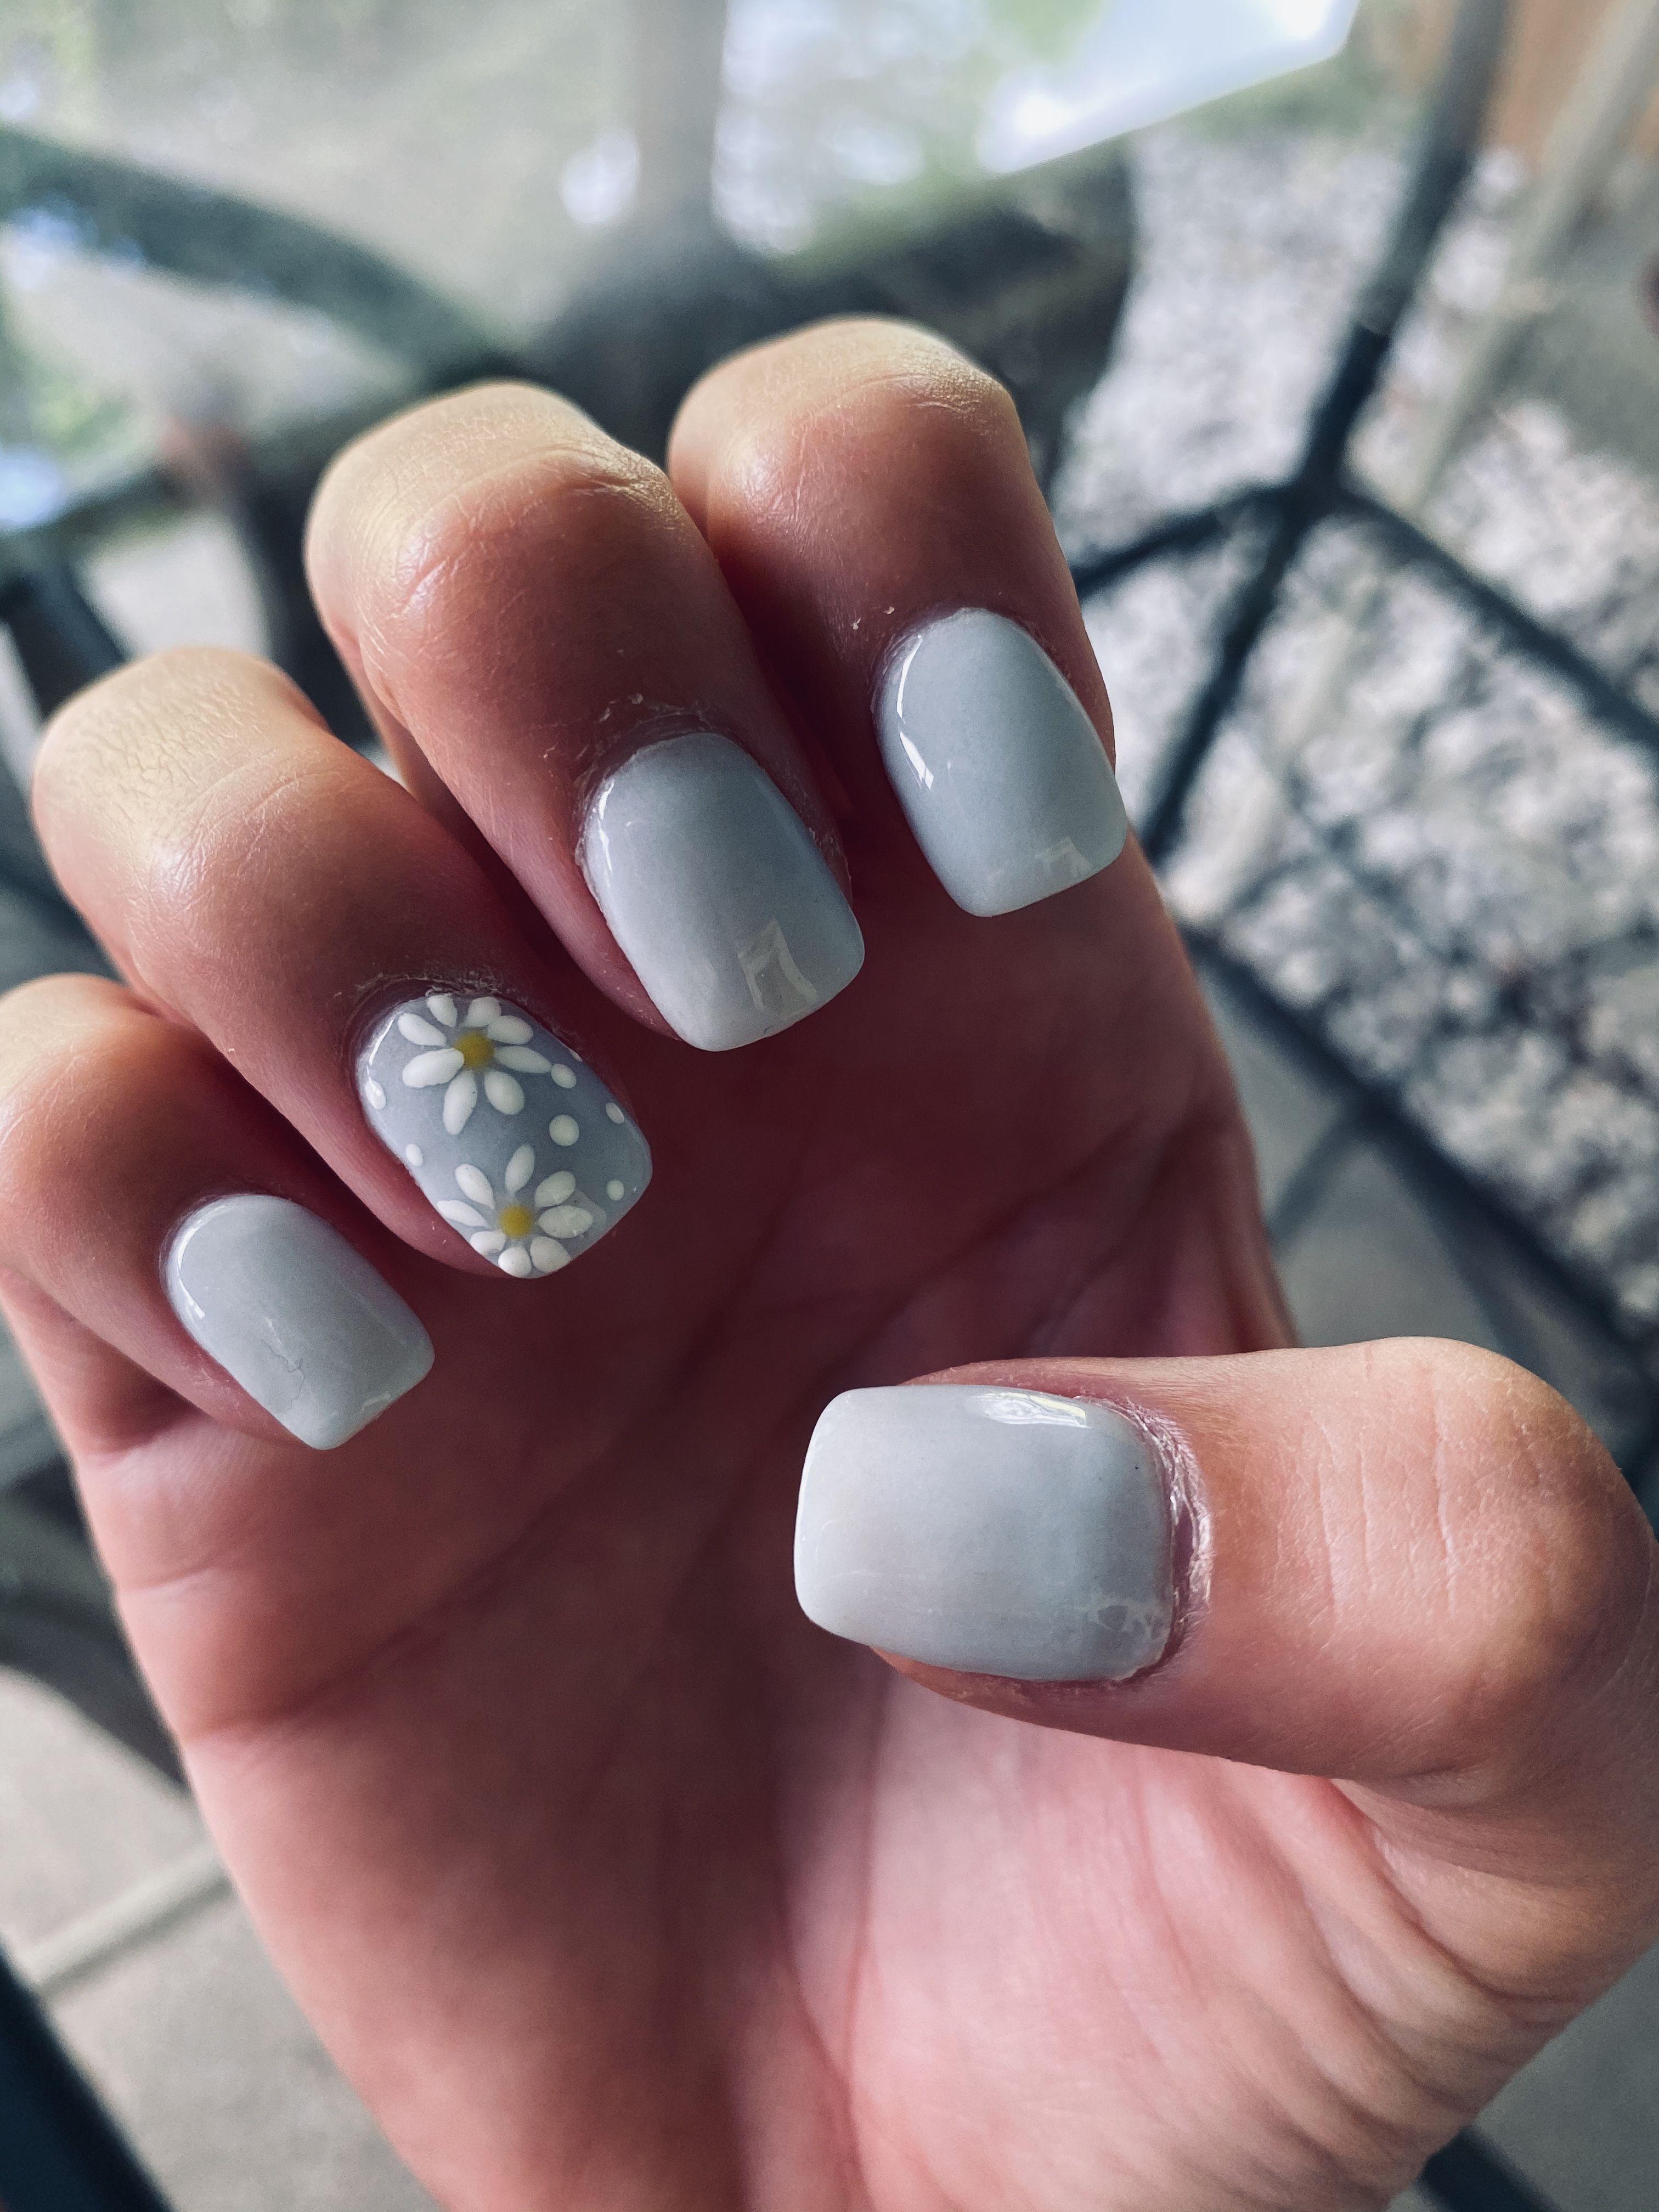 #blue #lightblue #flowers #naturalnails #snsnails #powder #dip #nails #simple #square #short #shortnails #accentnails